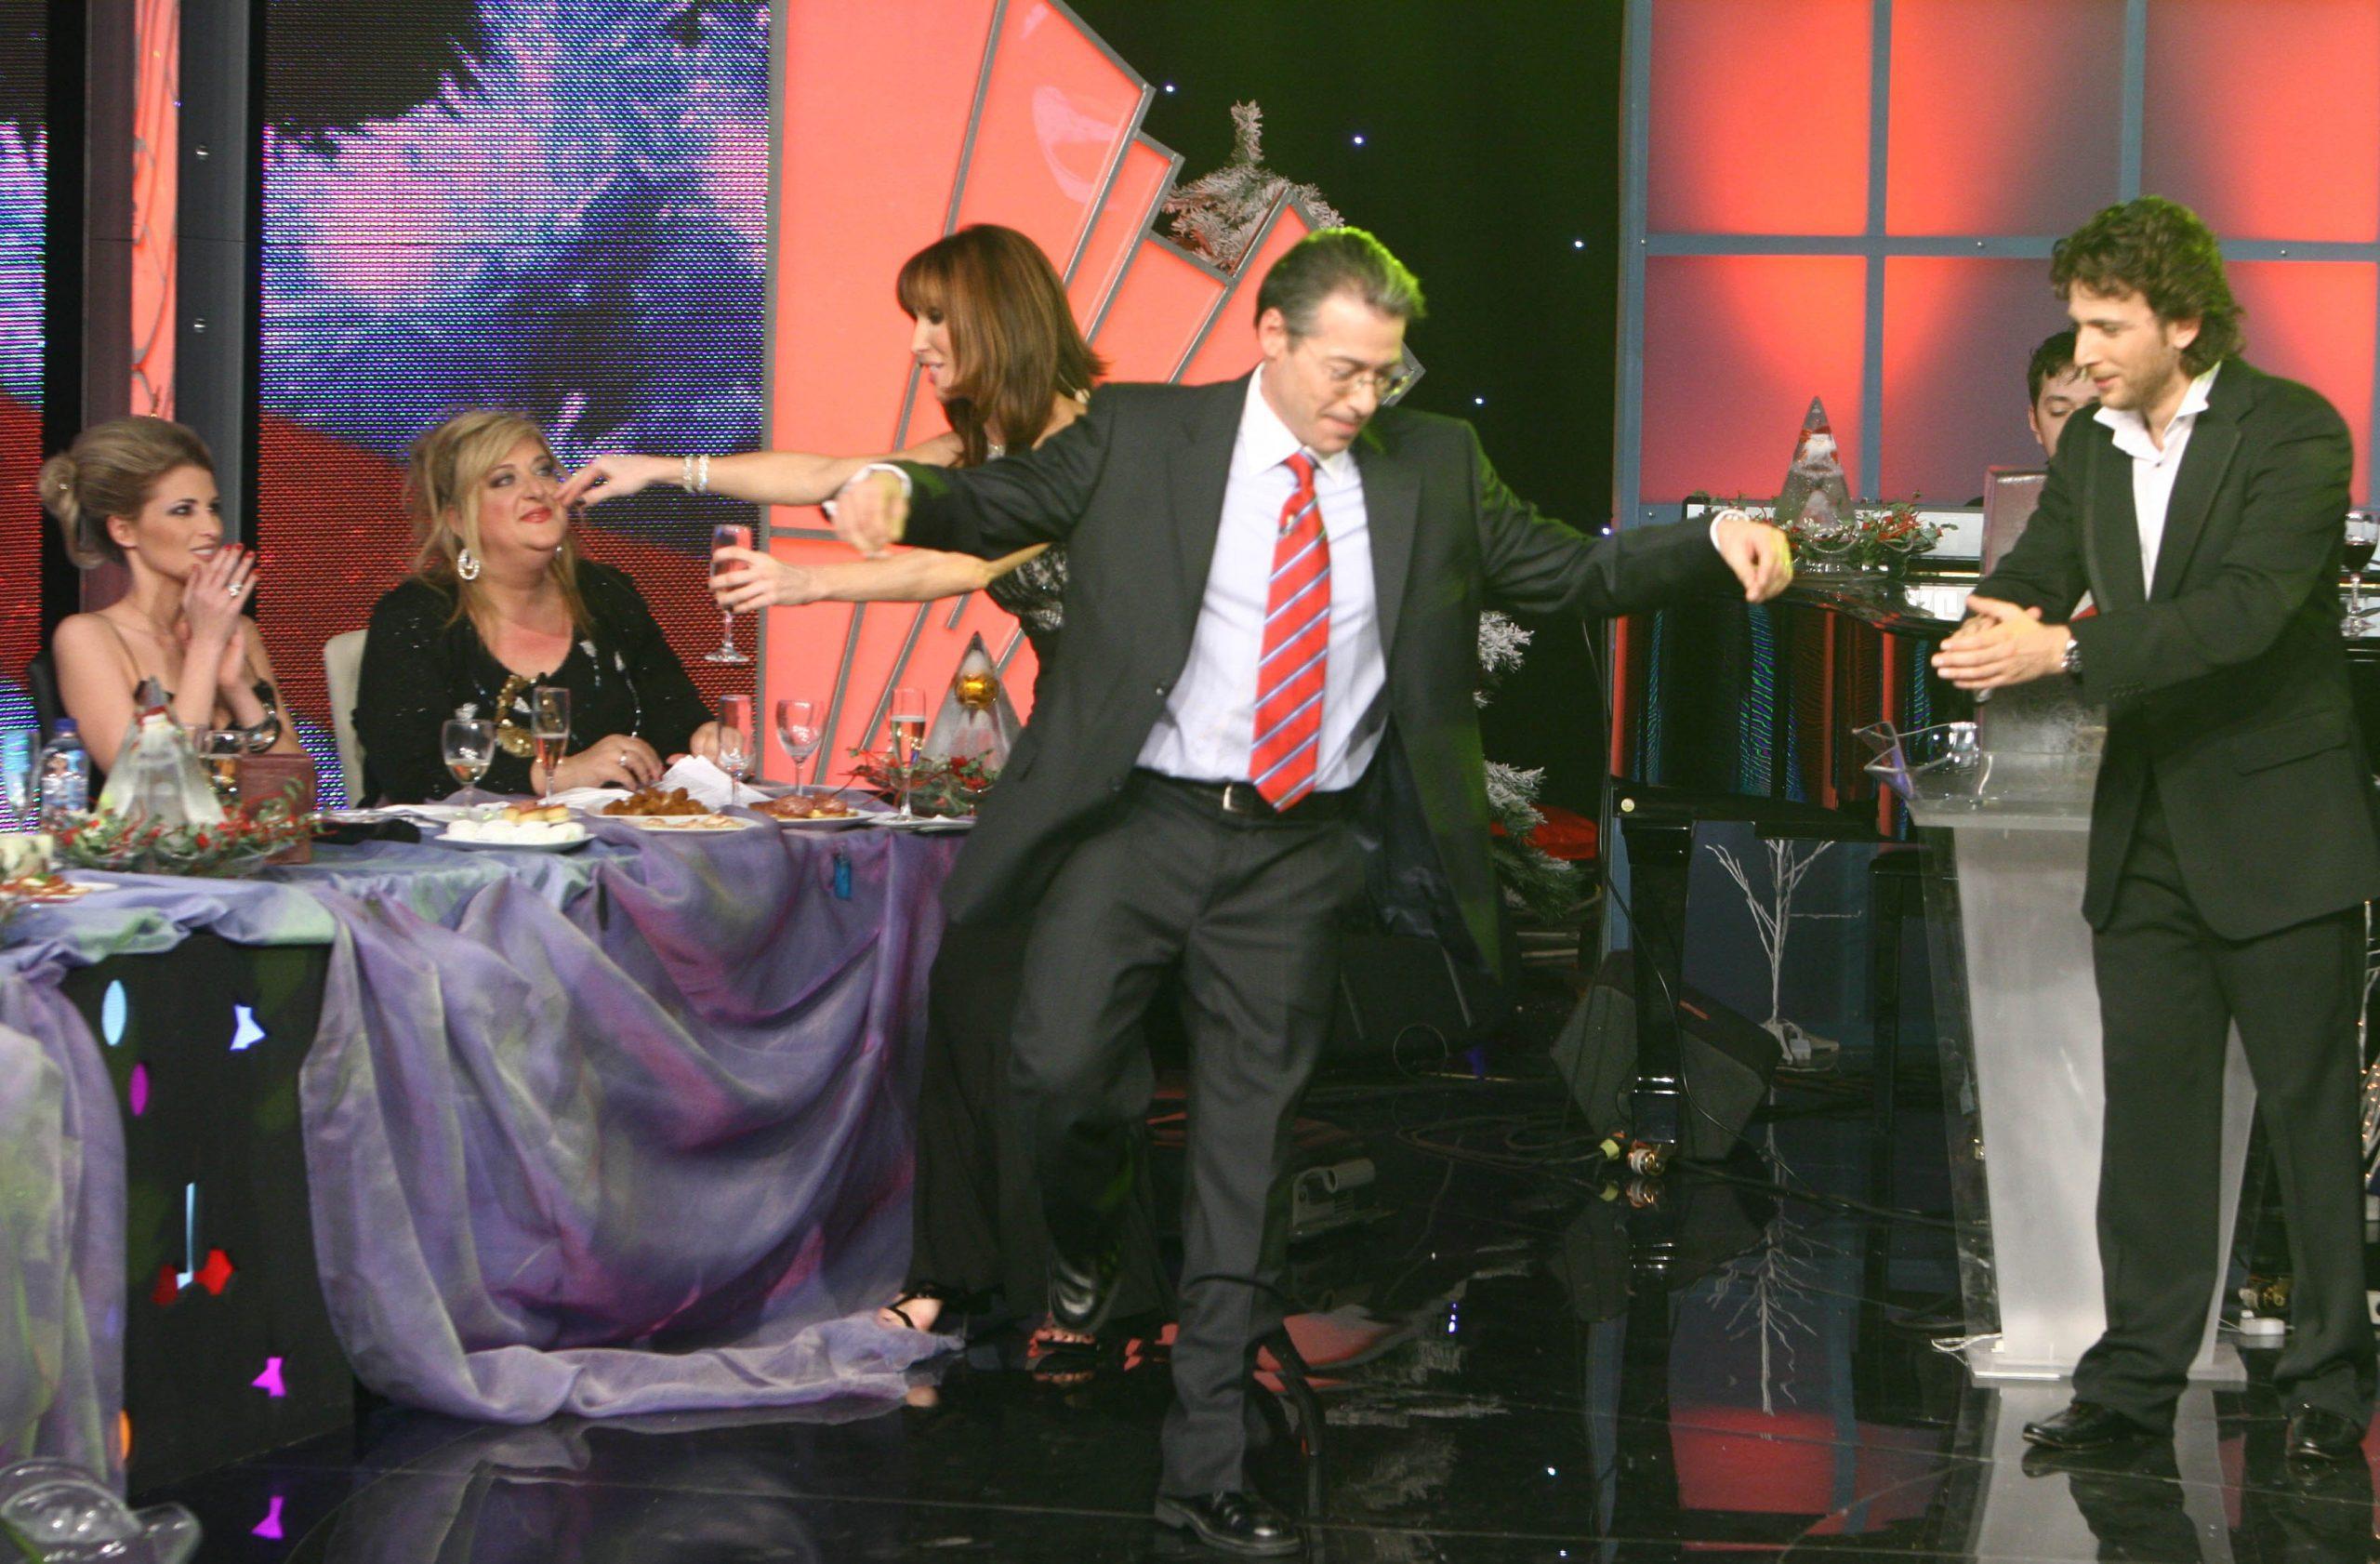 Νίκος Μάνεσης: Η εκπομπή, η ηλικία, η σύζυγος, τα παιδιά και ο άγνωστος γάμος με καταξιωμένη τραγουδίστρια!